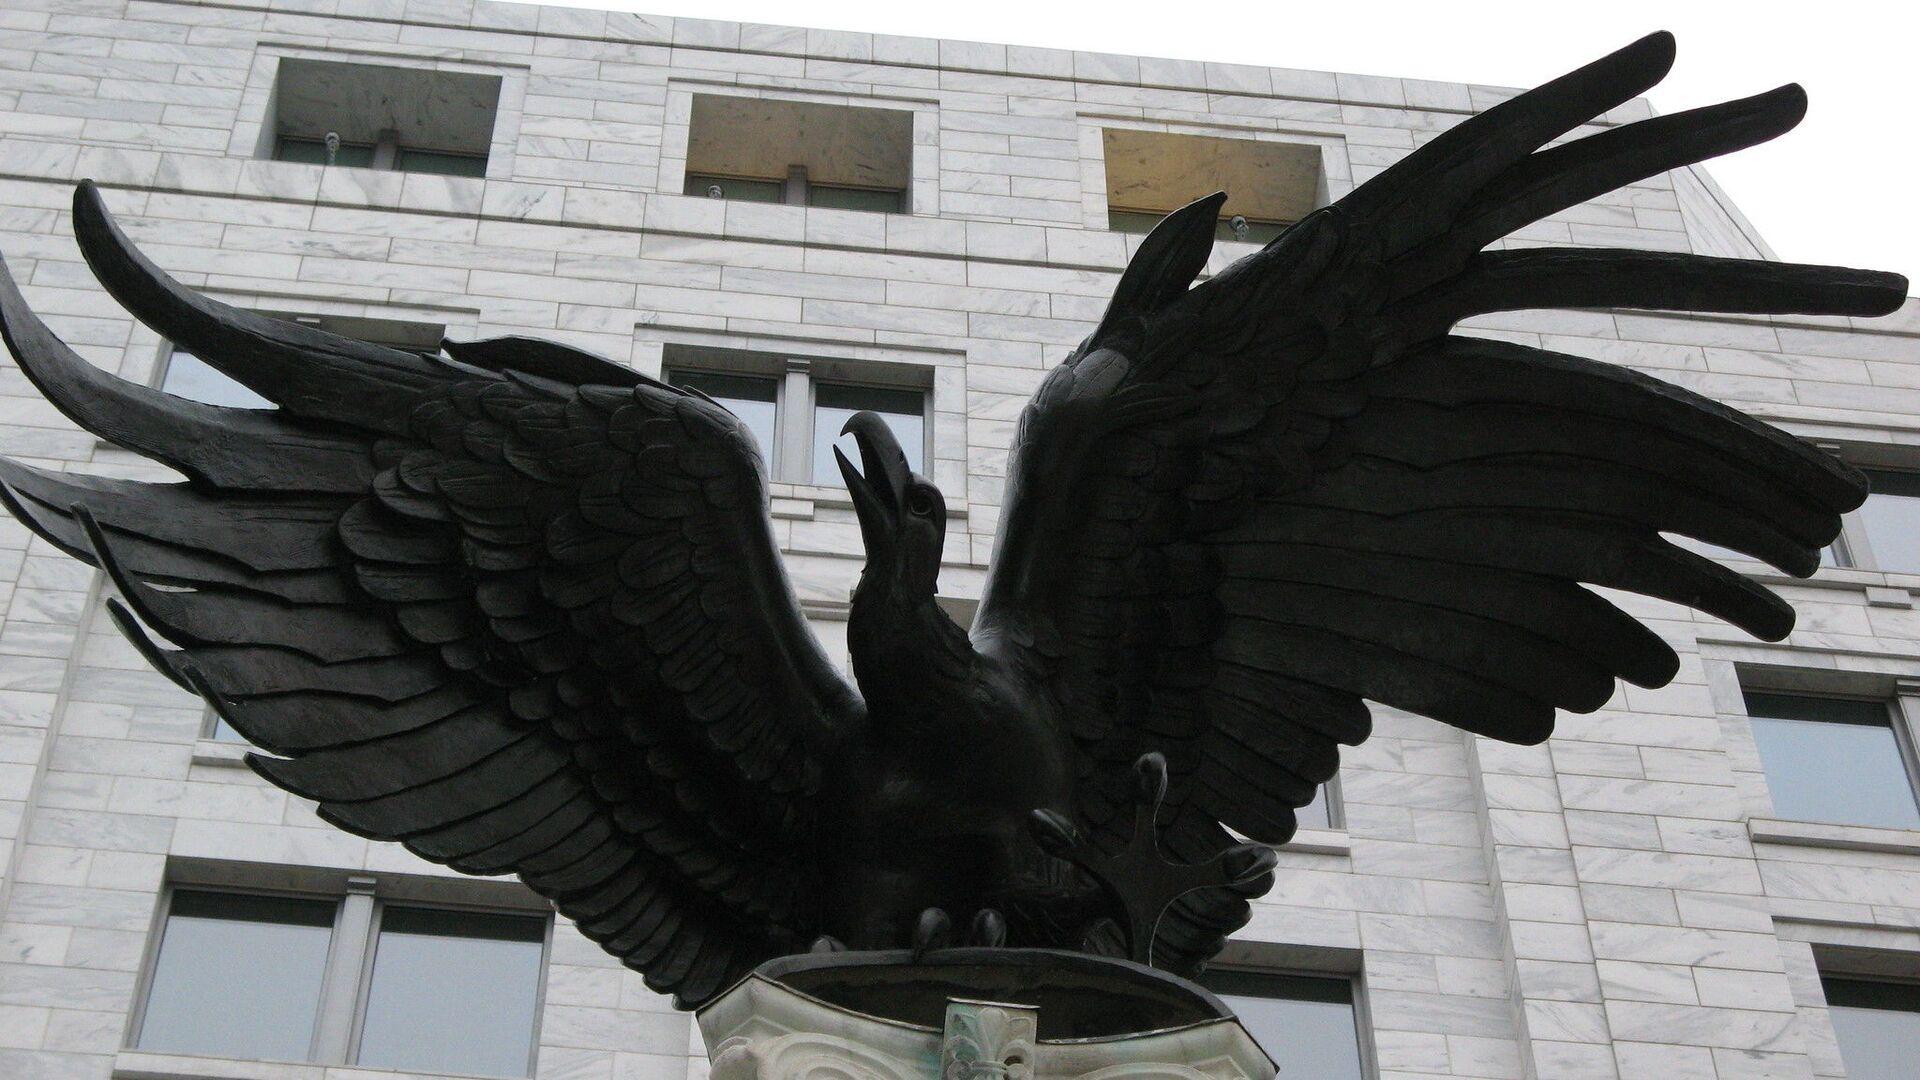 La estatua de águila cerca de la Reserva Federal de EEUU - Sputnik Mundo, 1920, 17.03.2021